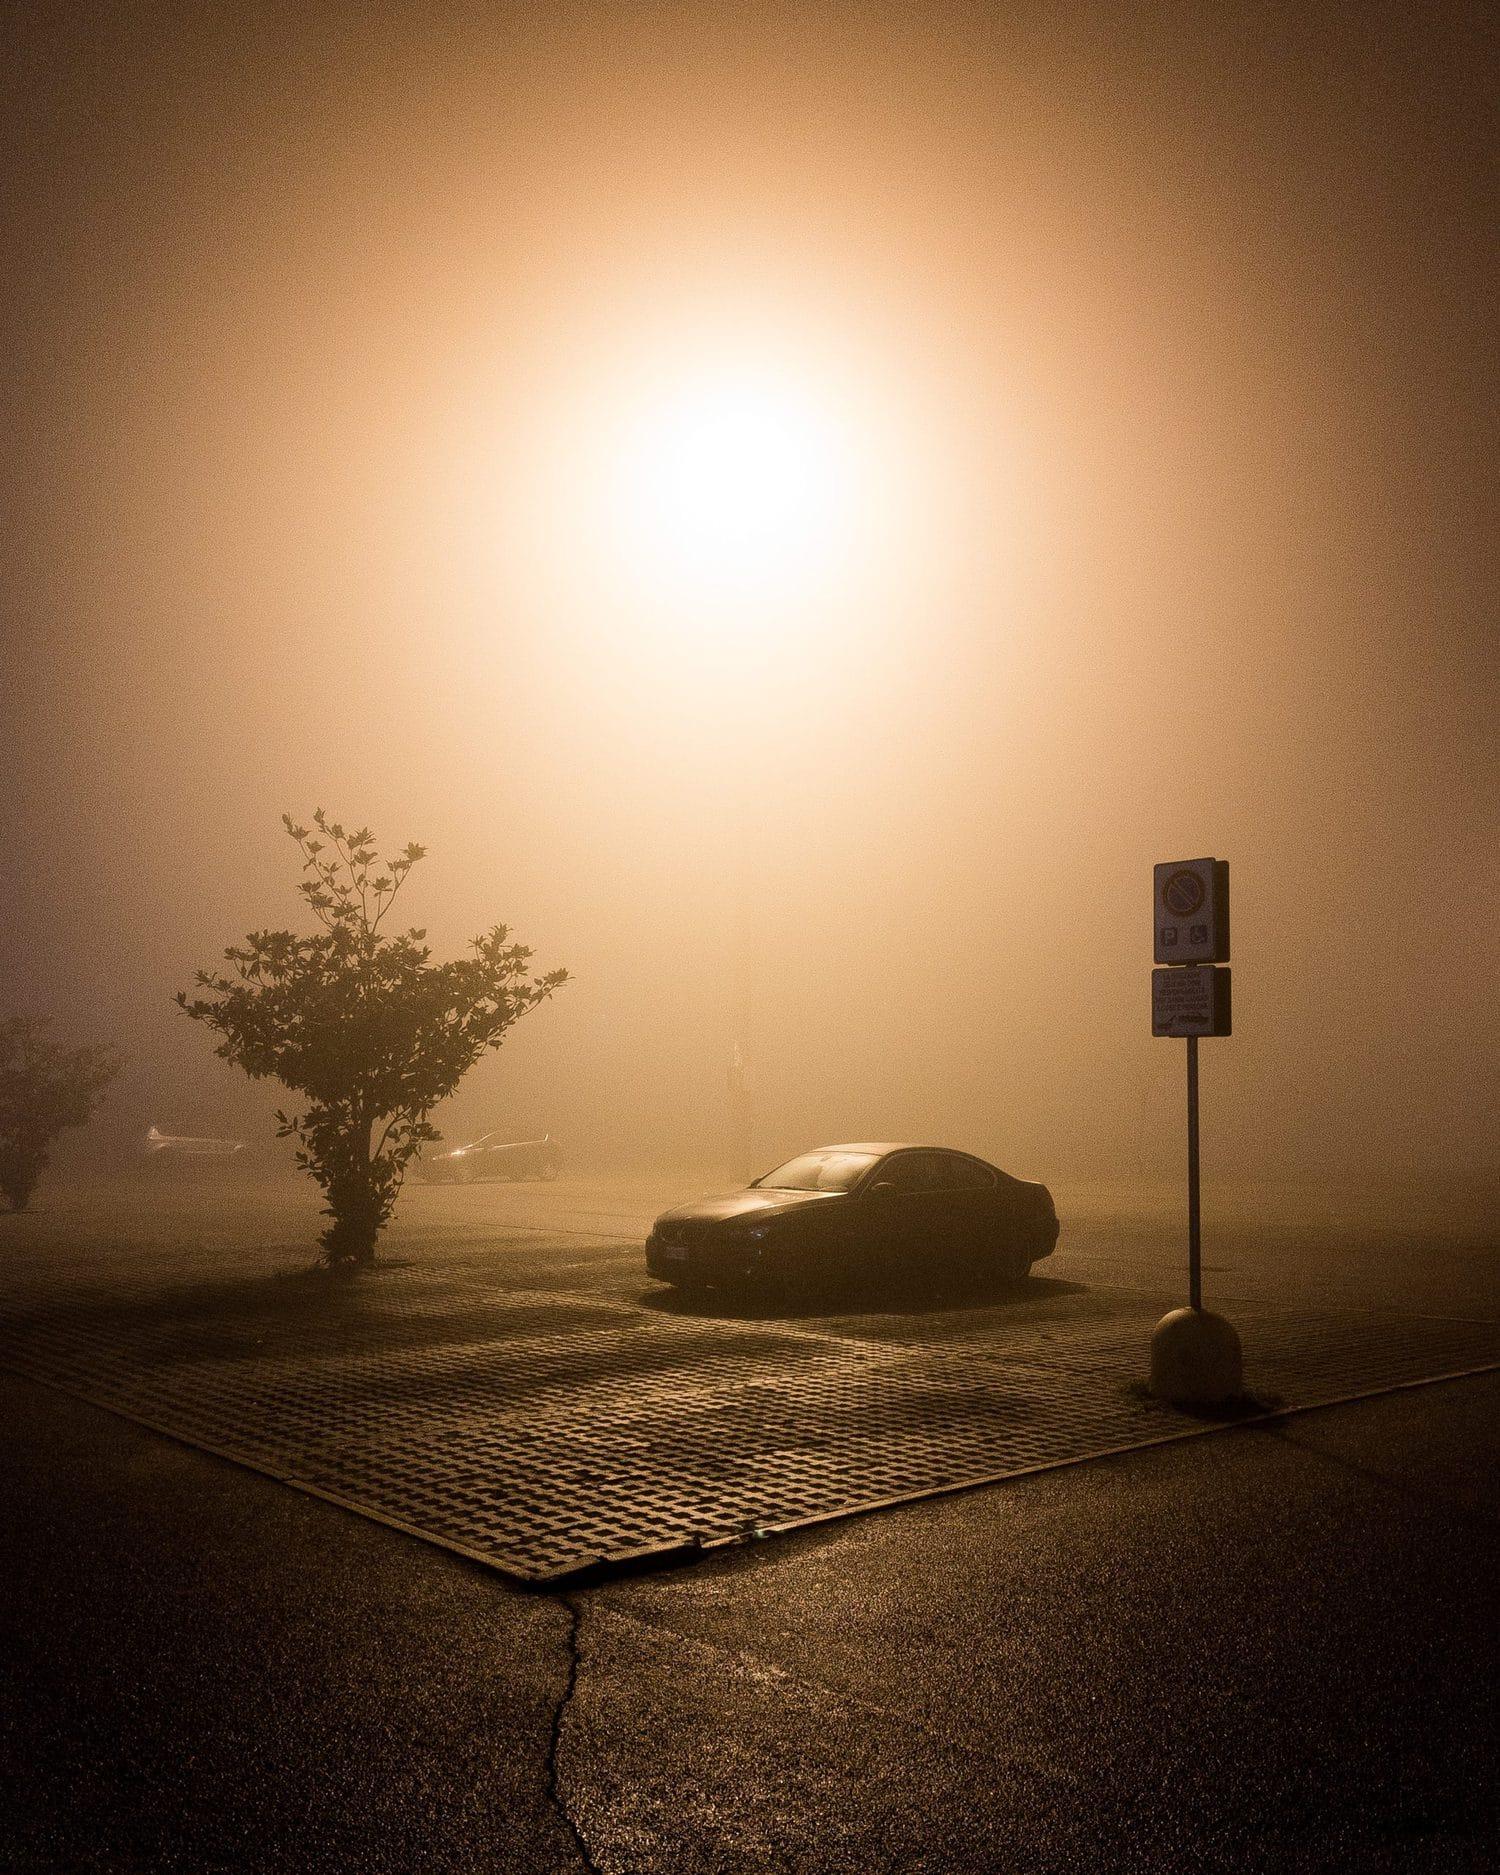 escena de coche con luces cálidas